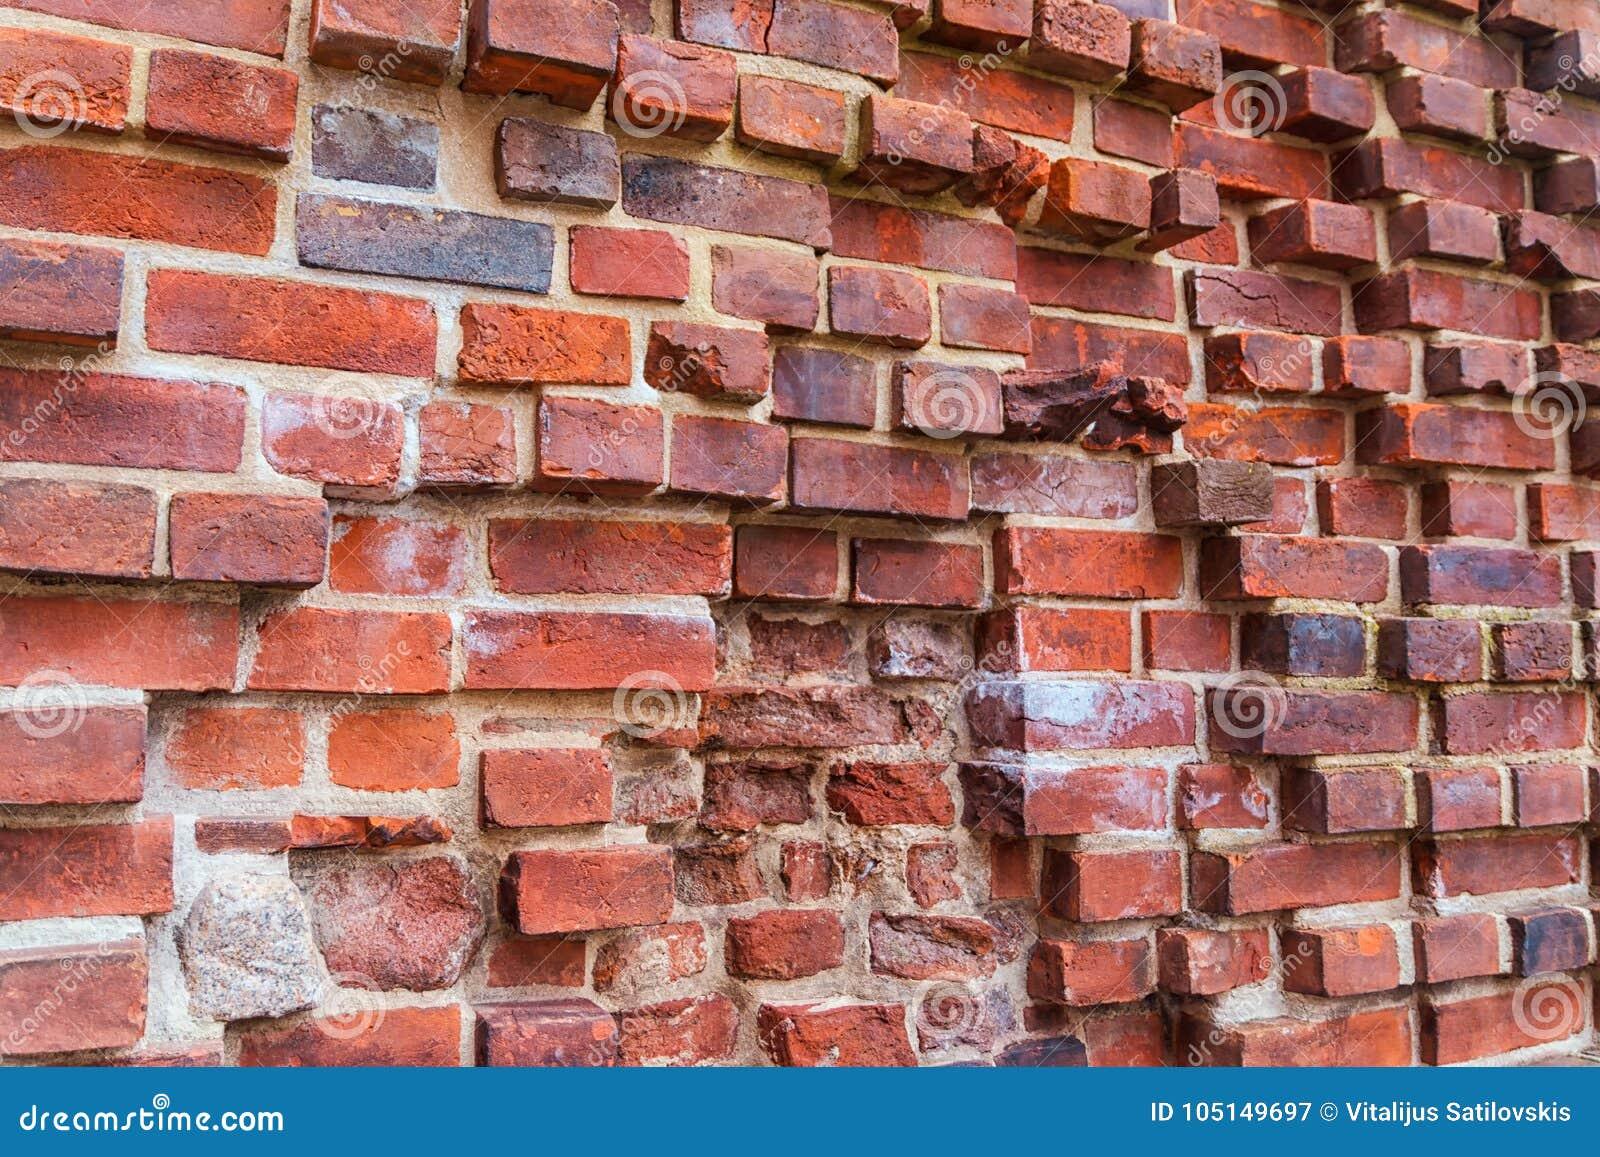 Ruiny stary Teutoński kasztel w Toruńskim, Polska czerwień ceglasta mur tło